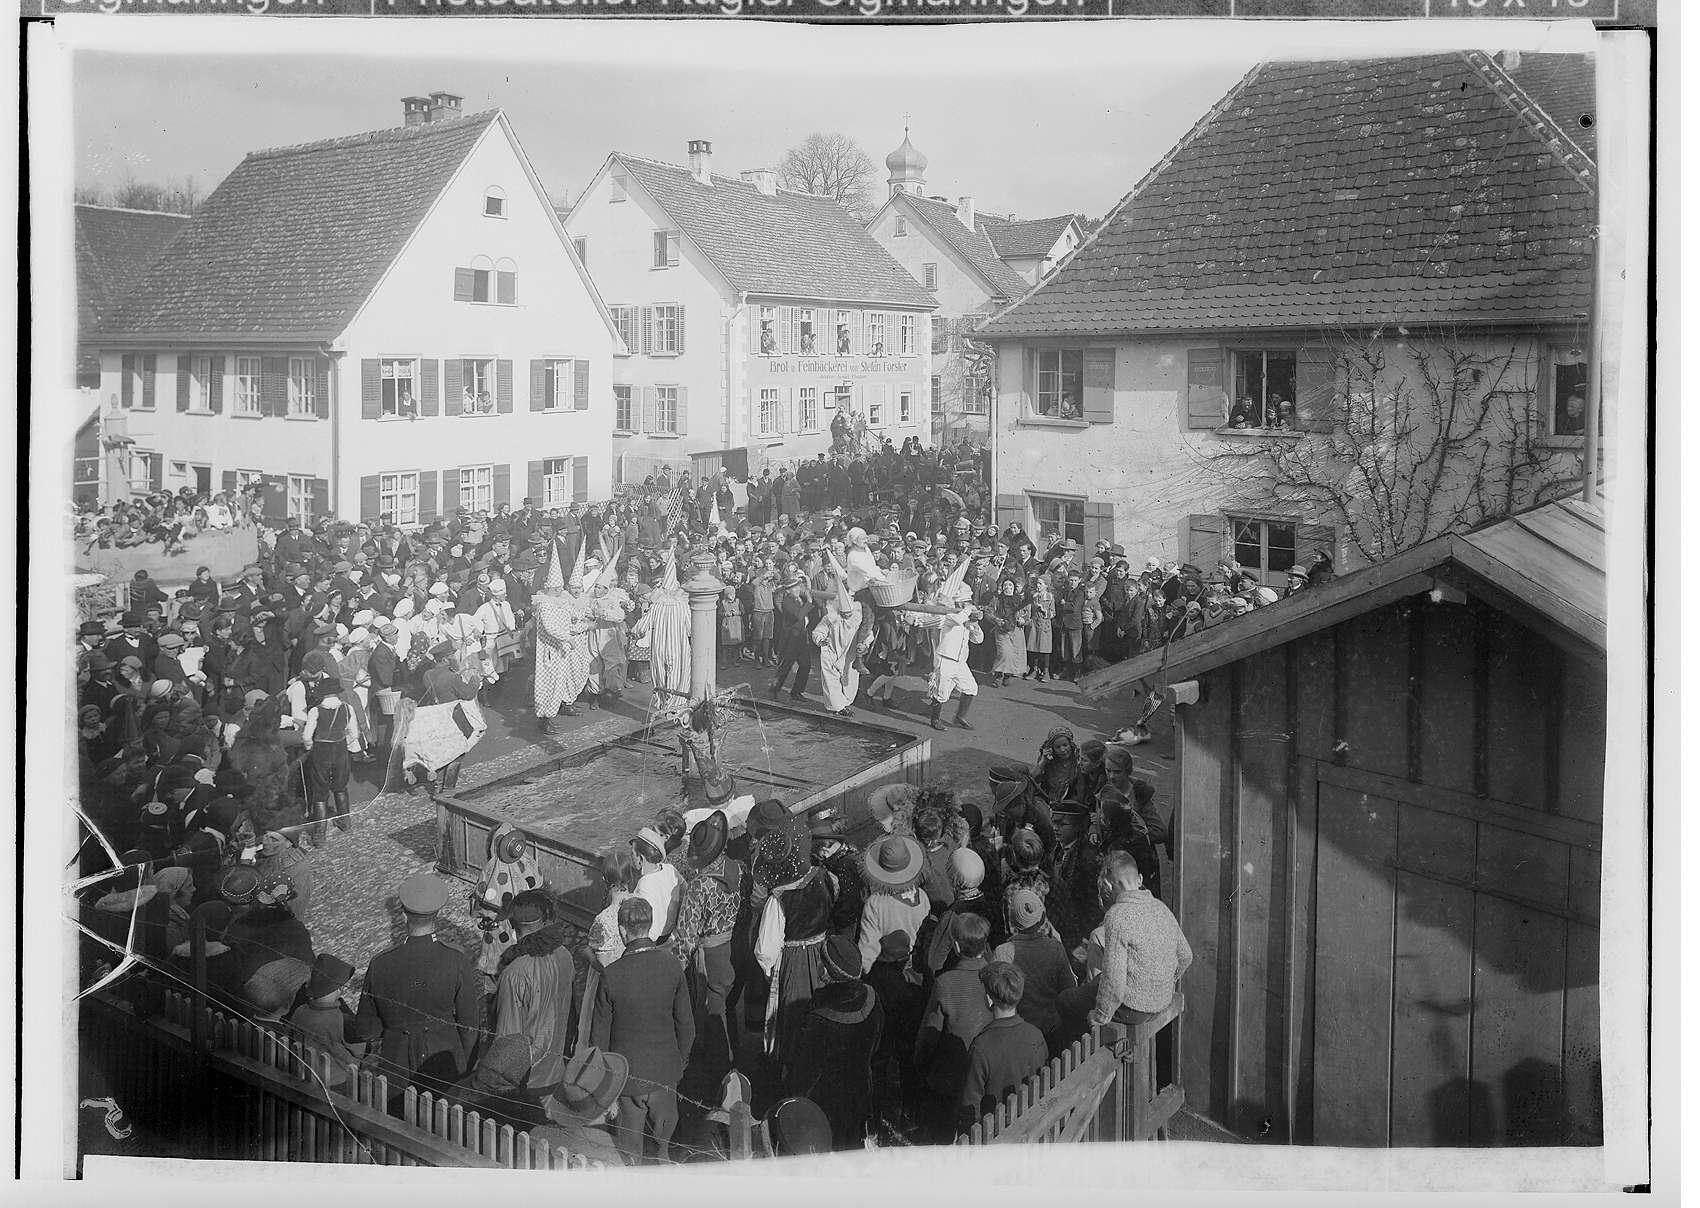 Fasnacht Krauchenwies 1936; Bräuteln, Bild 1